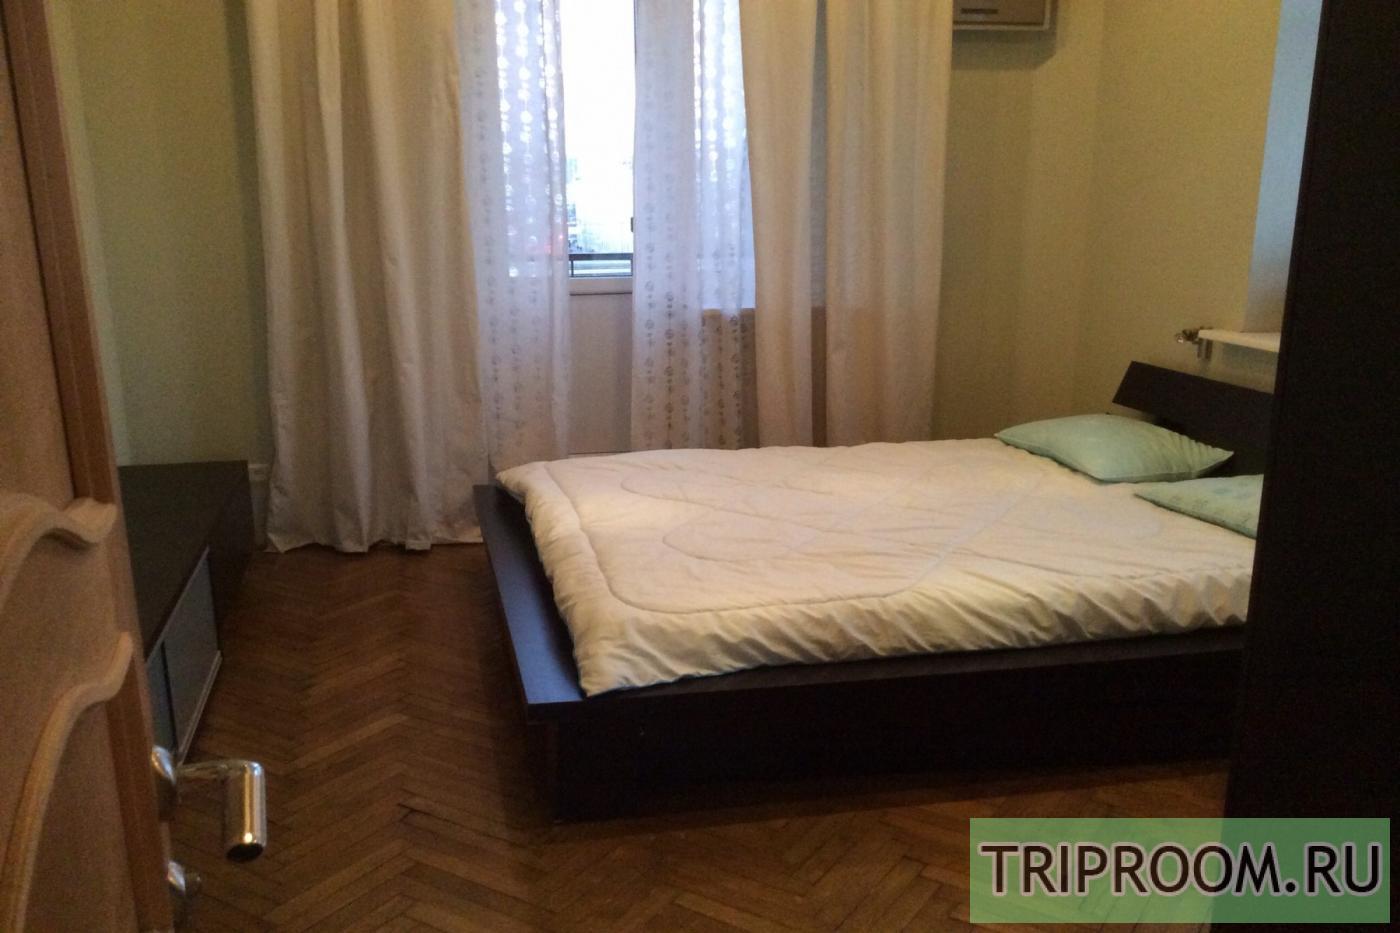 2-комнатная квартира посуточно (вариант № 32172), ул. Лесной, фото № 1